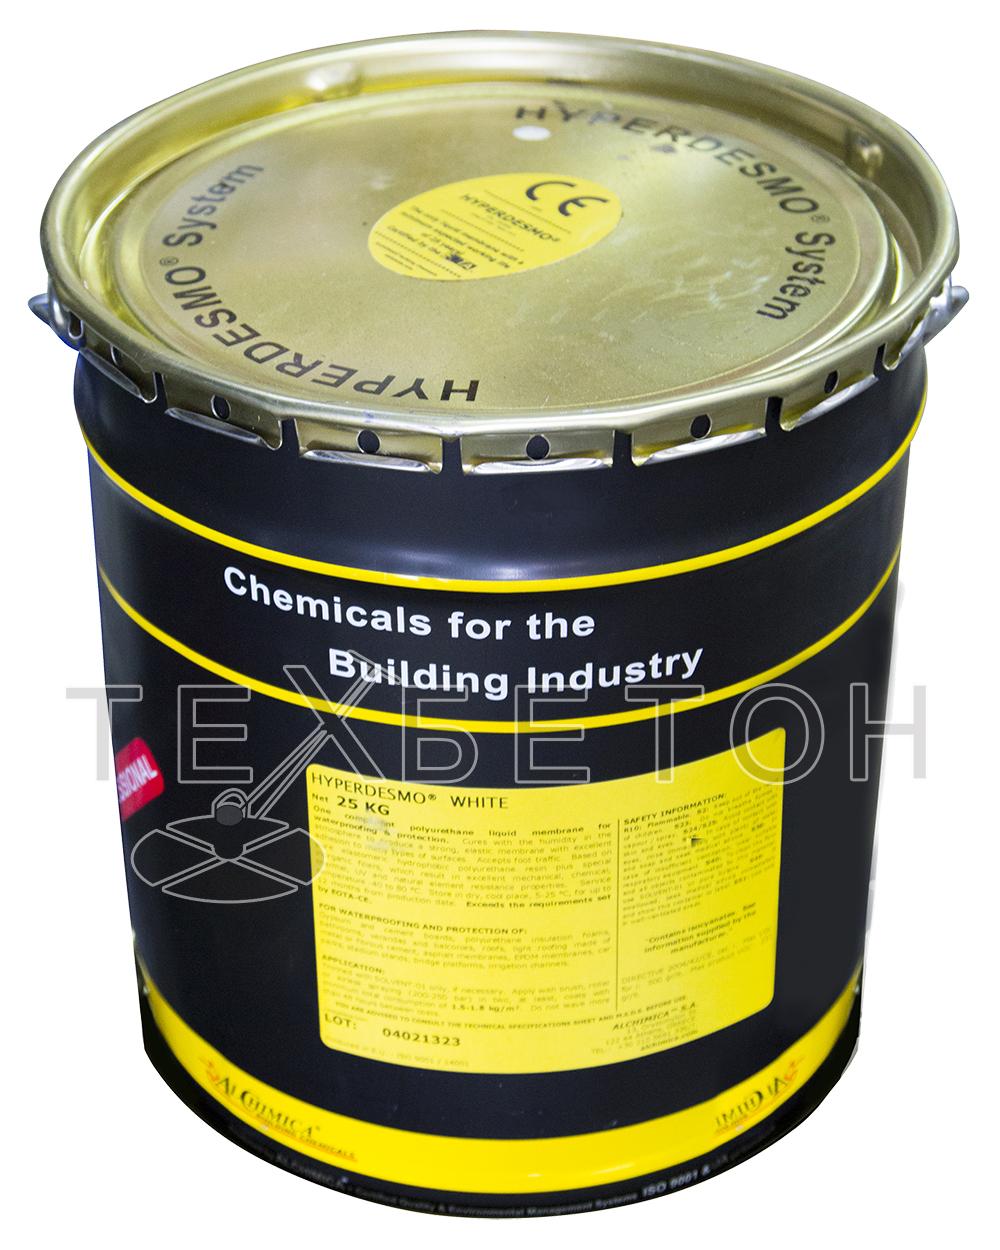 Гипердесмо полиуретановая гидроизоляционная мастика бетоноконтакт бетоконтакт